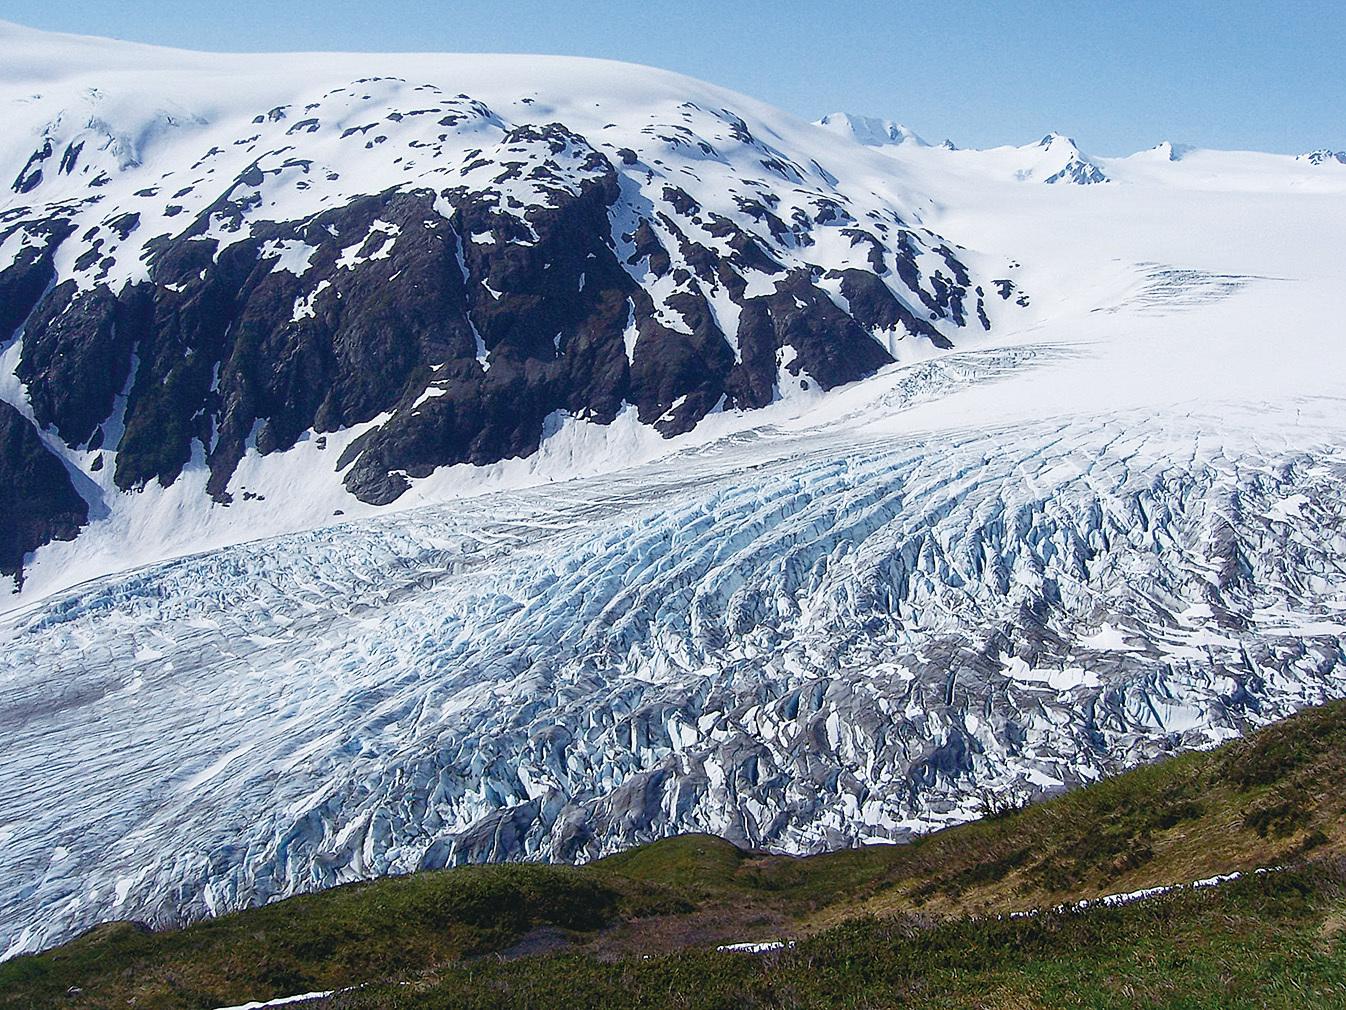 出口冰川(Exit Glacier)。(Justin Morgan/wikipedia)